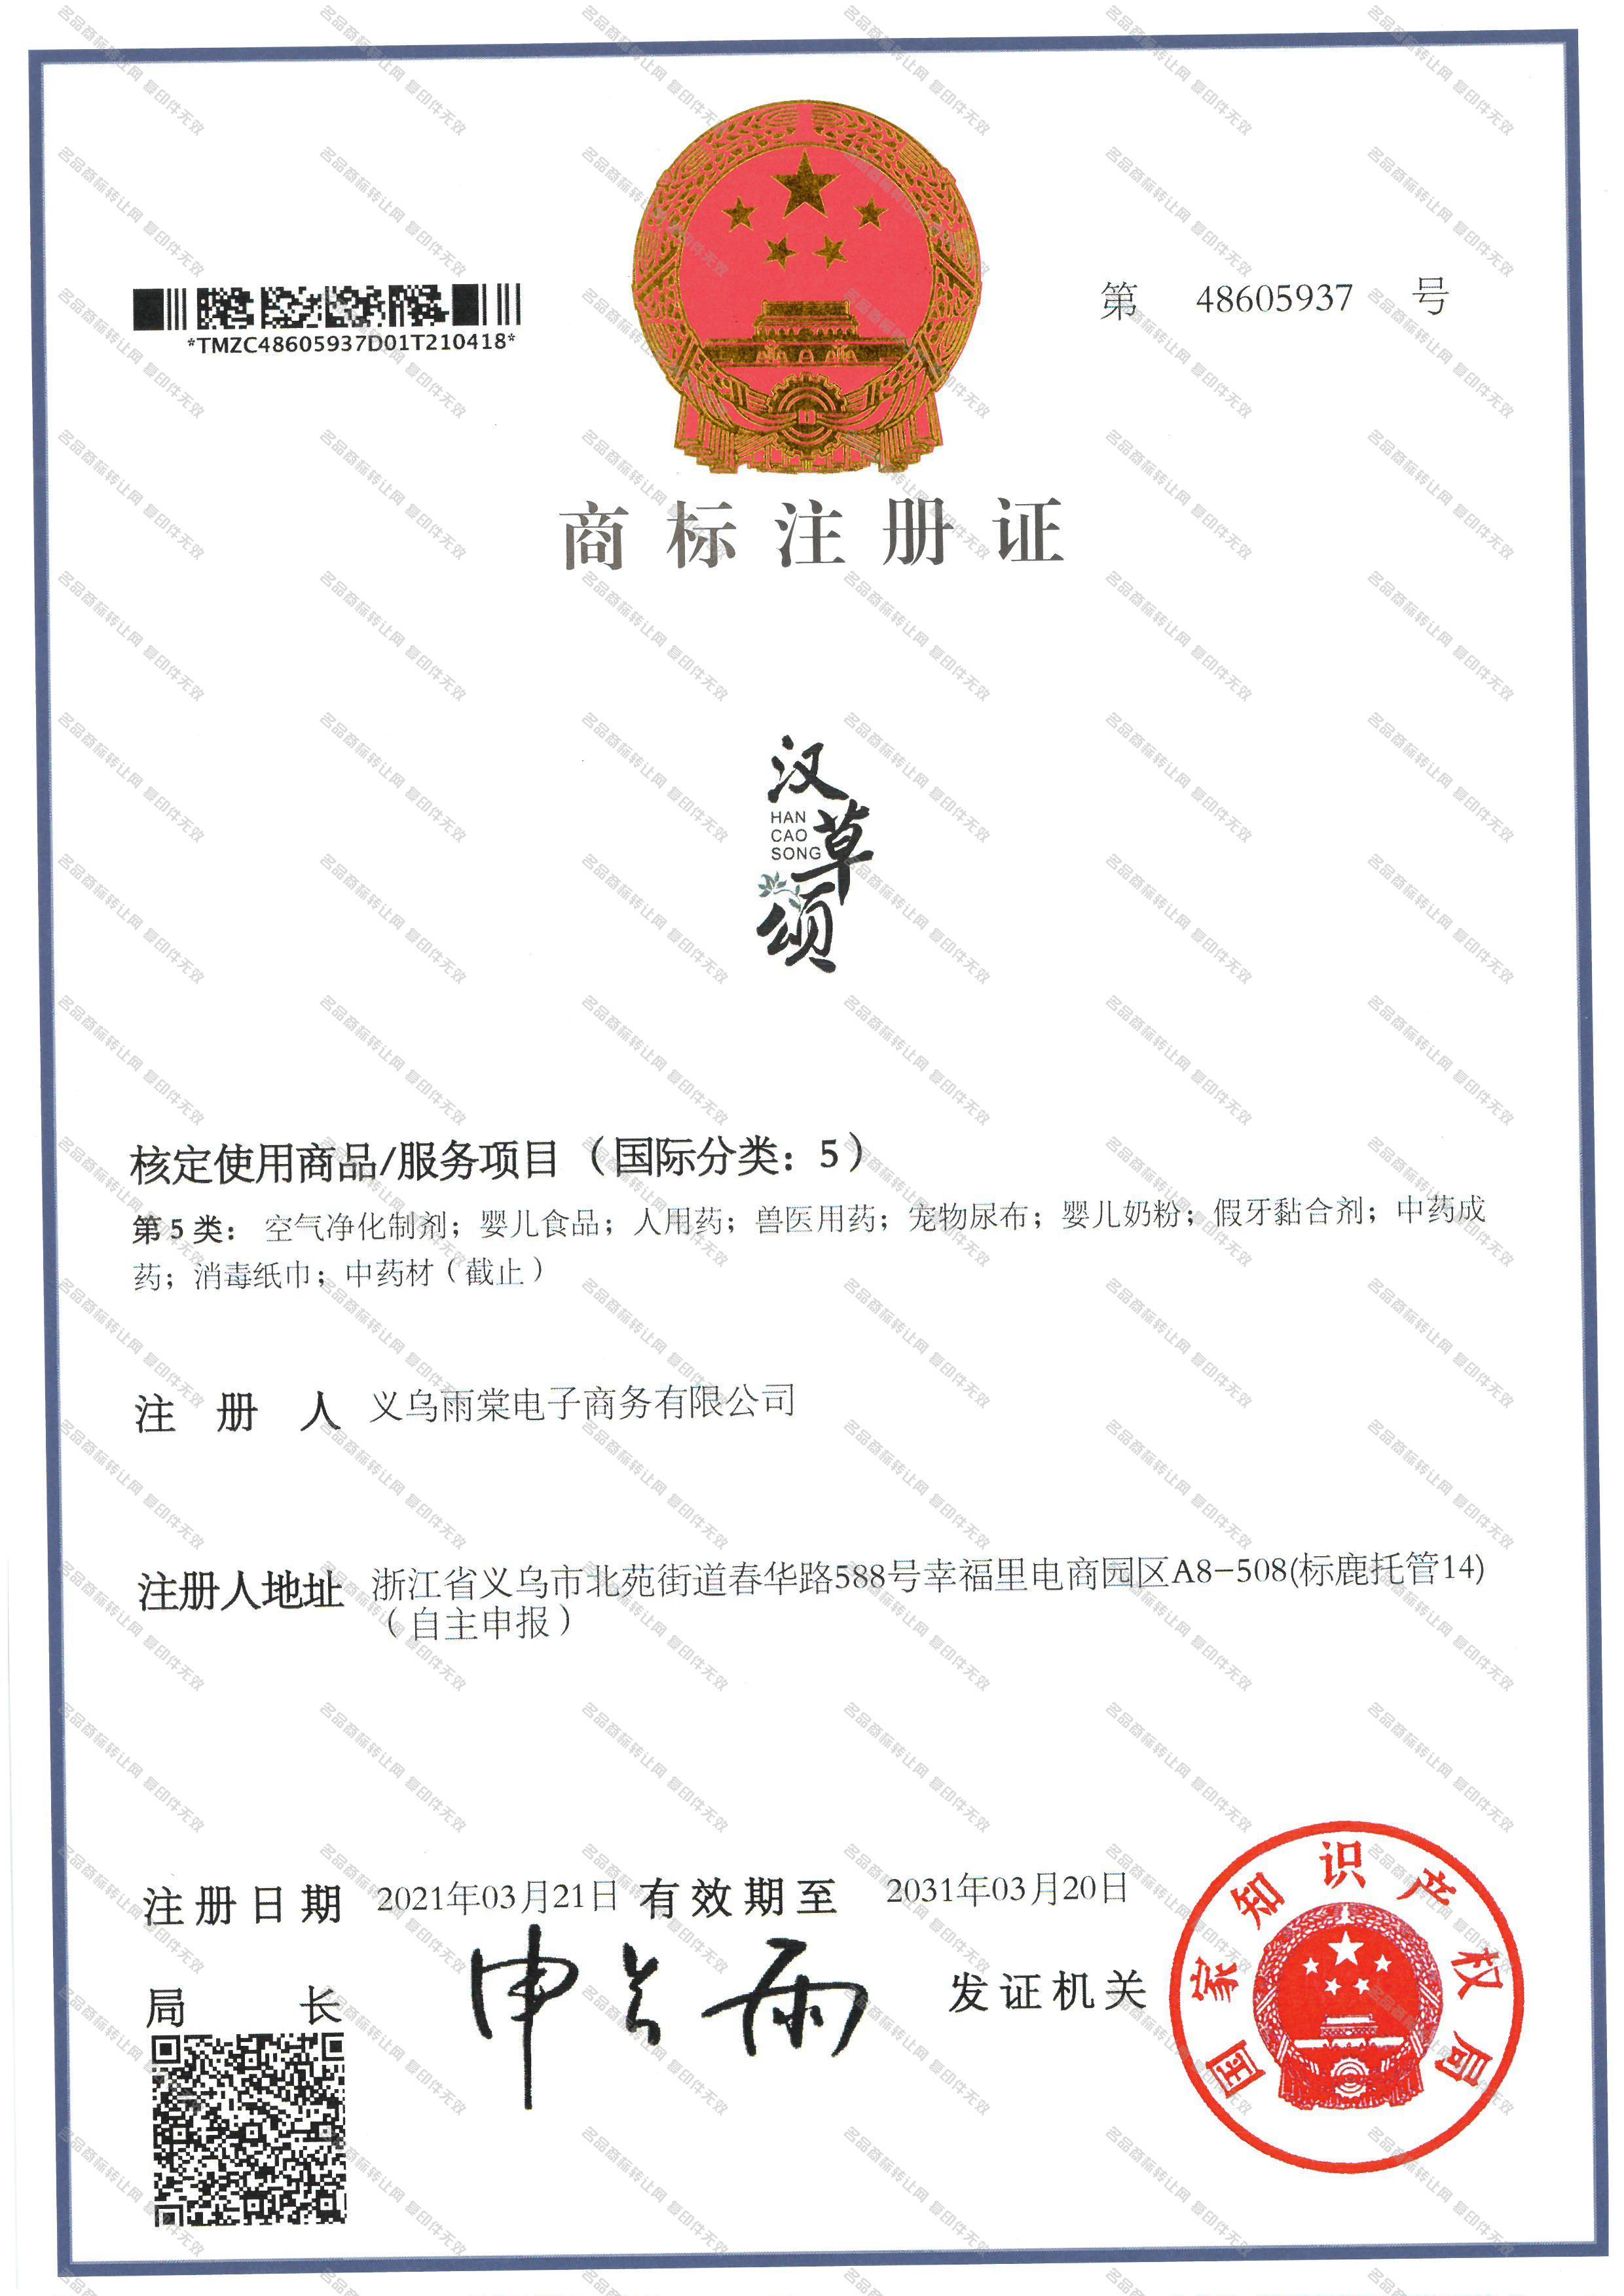 汉草颂;HANCAOSONG注册证